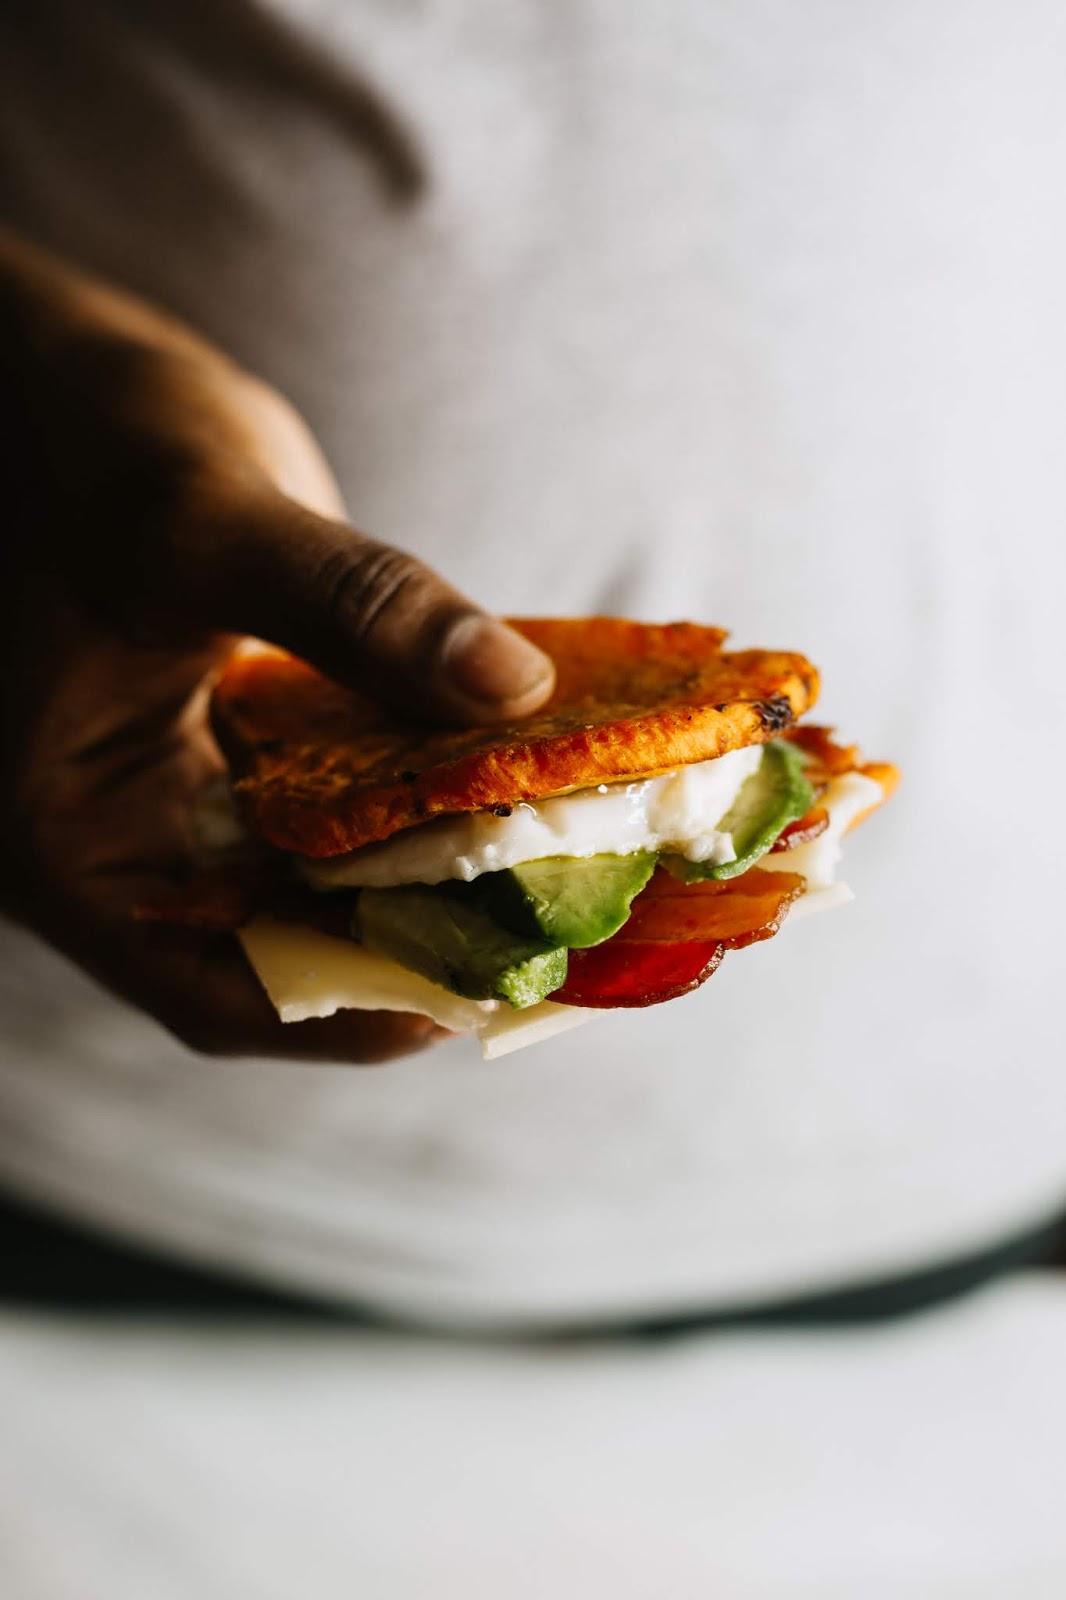 Avocado, Bacon, Egg Sweet Potato Toast Breakfast Sandwich